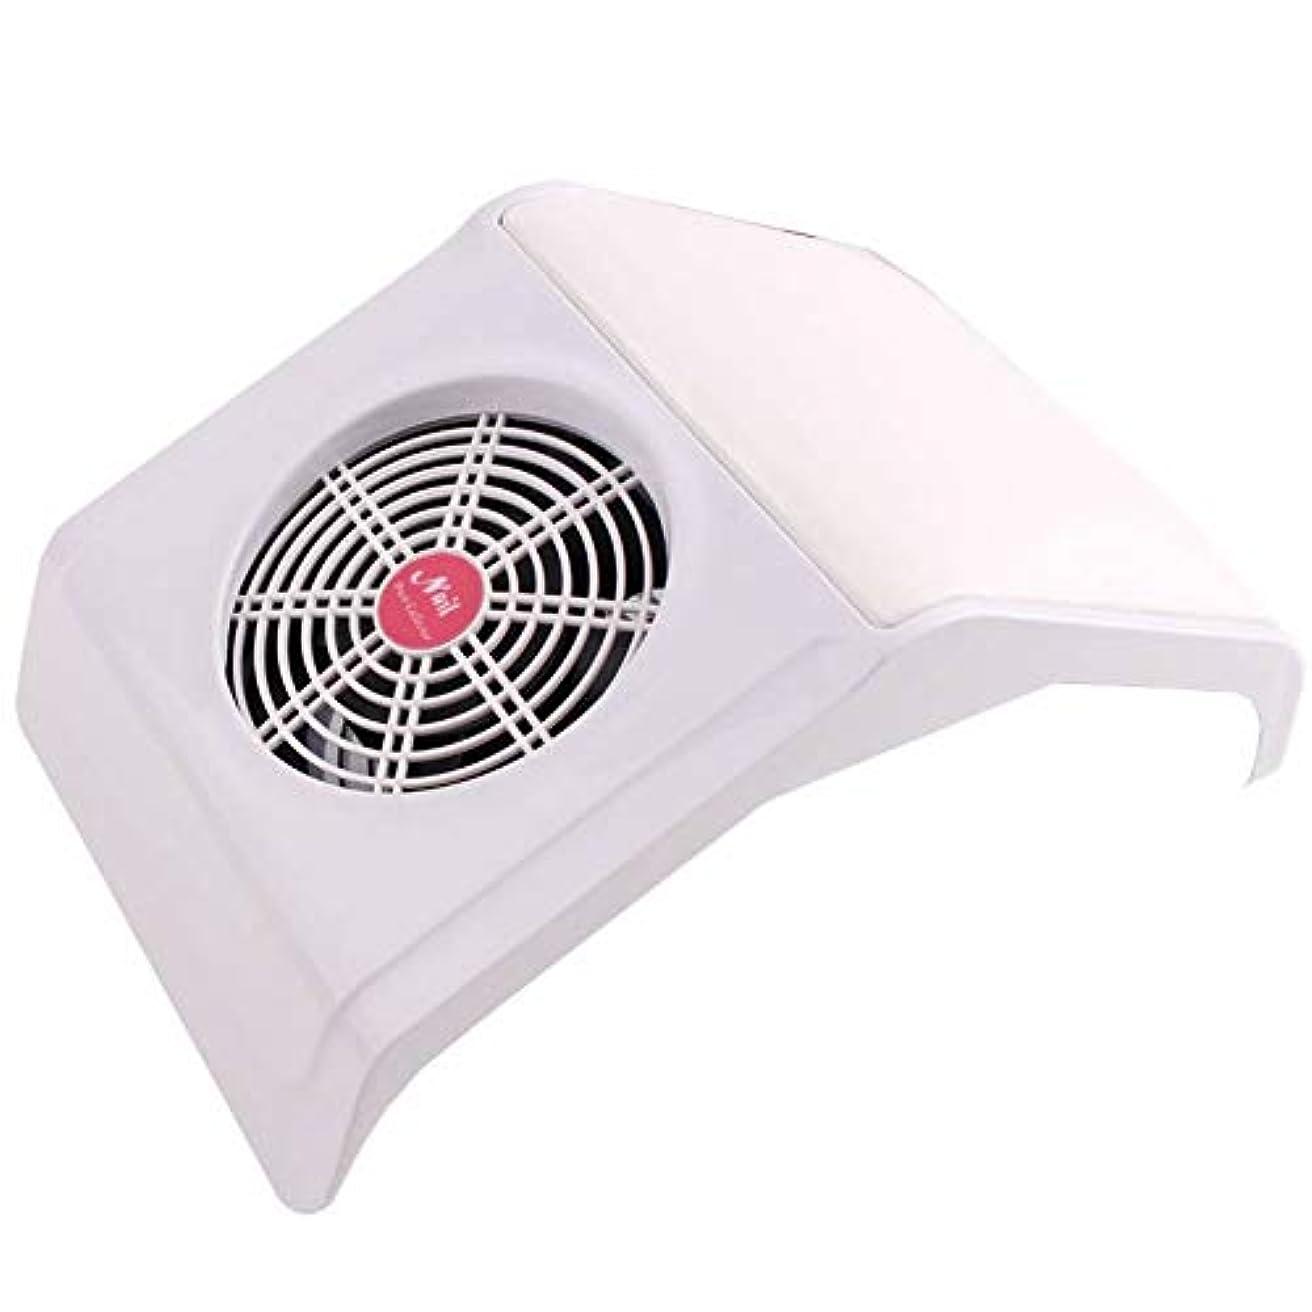 蒸発する内訳揺れる30Wネイルダストコレクター吸引ファンネイル掃除機2個付きほこりバッグを集めるマニキュア機械道具ネイルアートマニキュアサロンツール (Color : White)